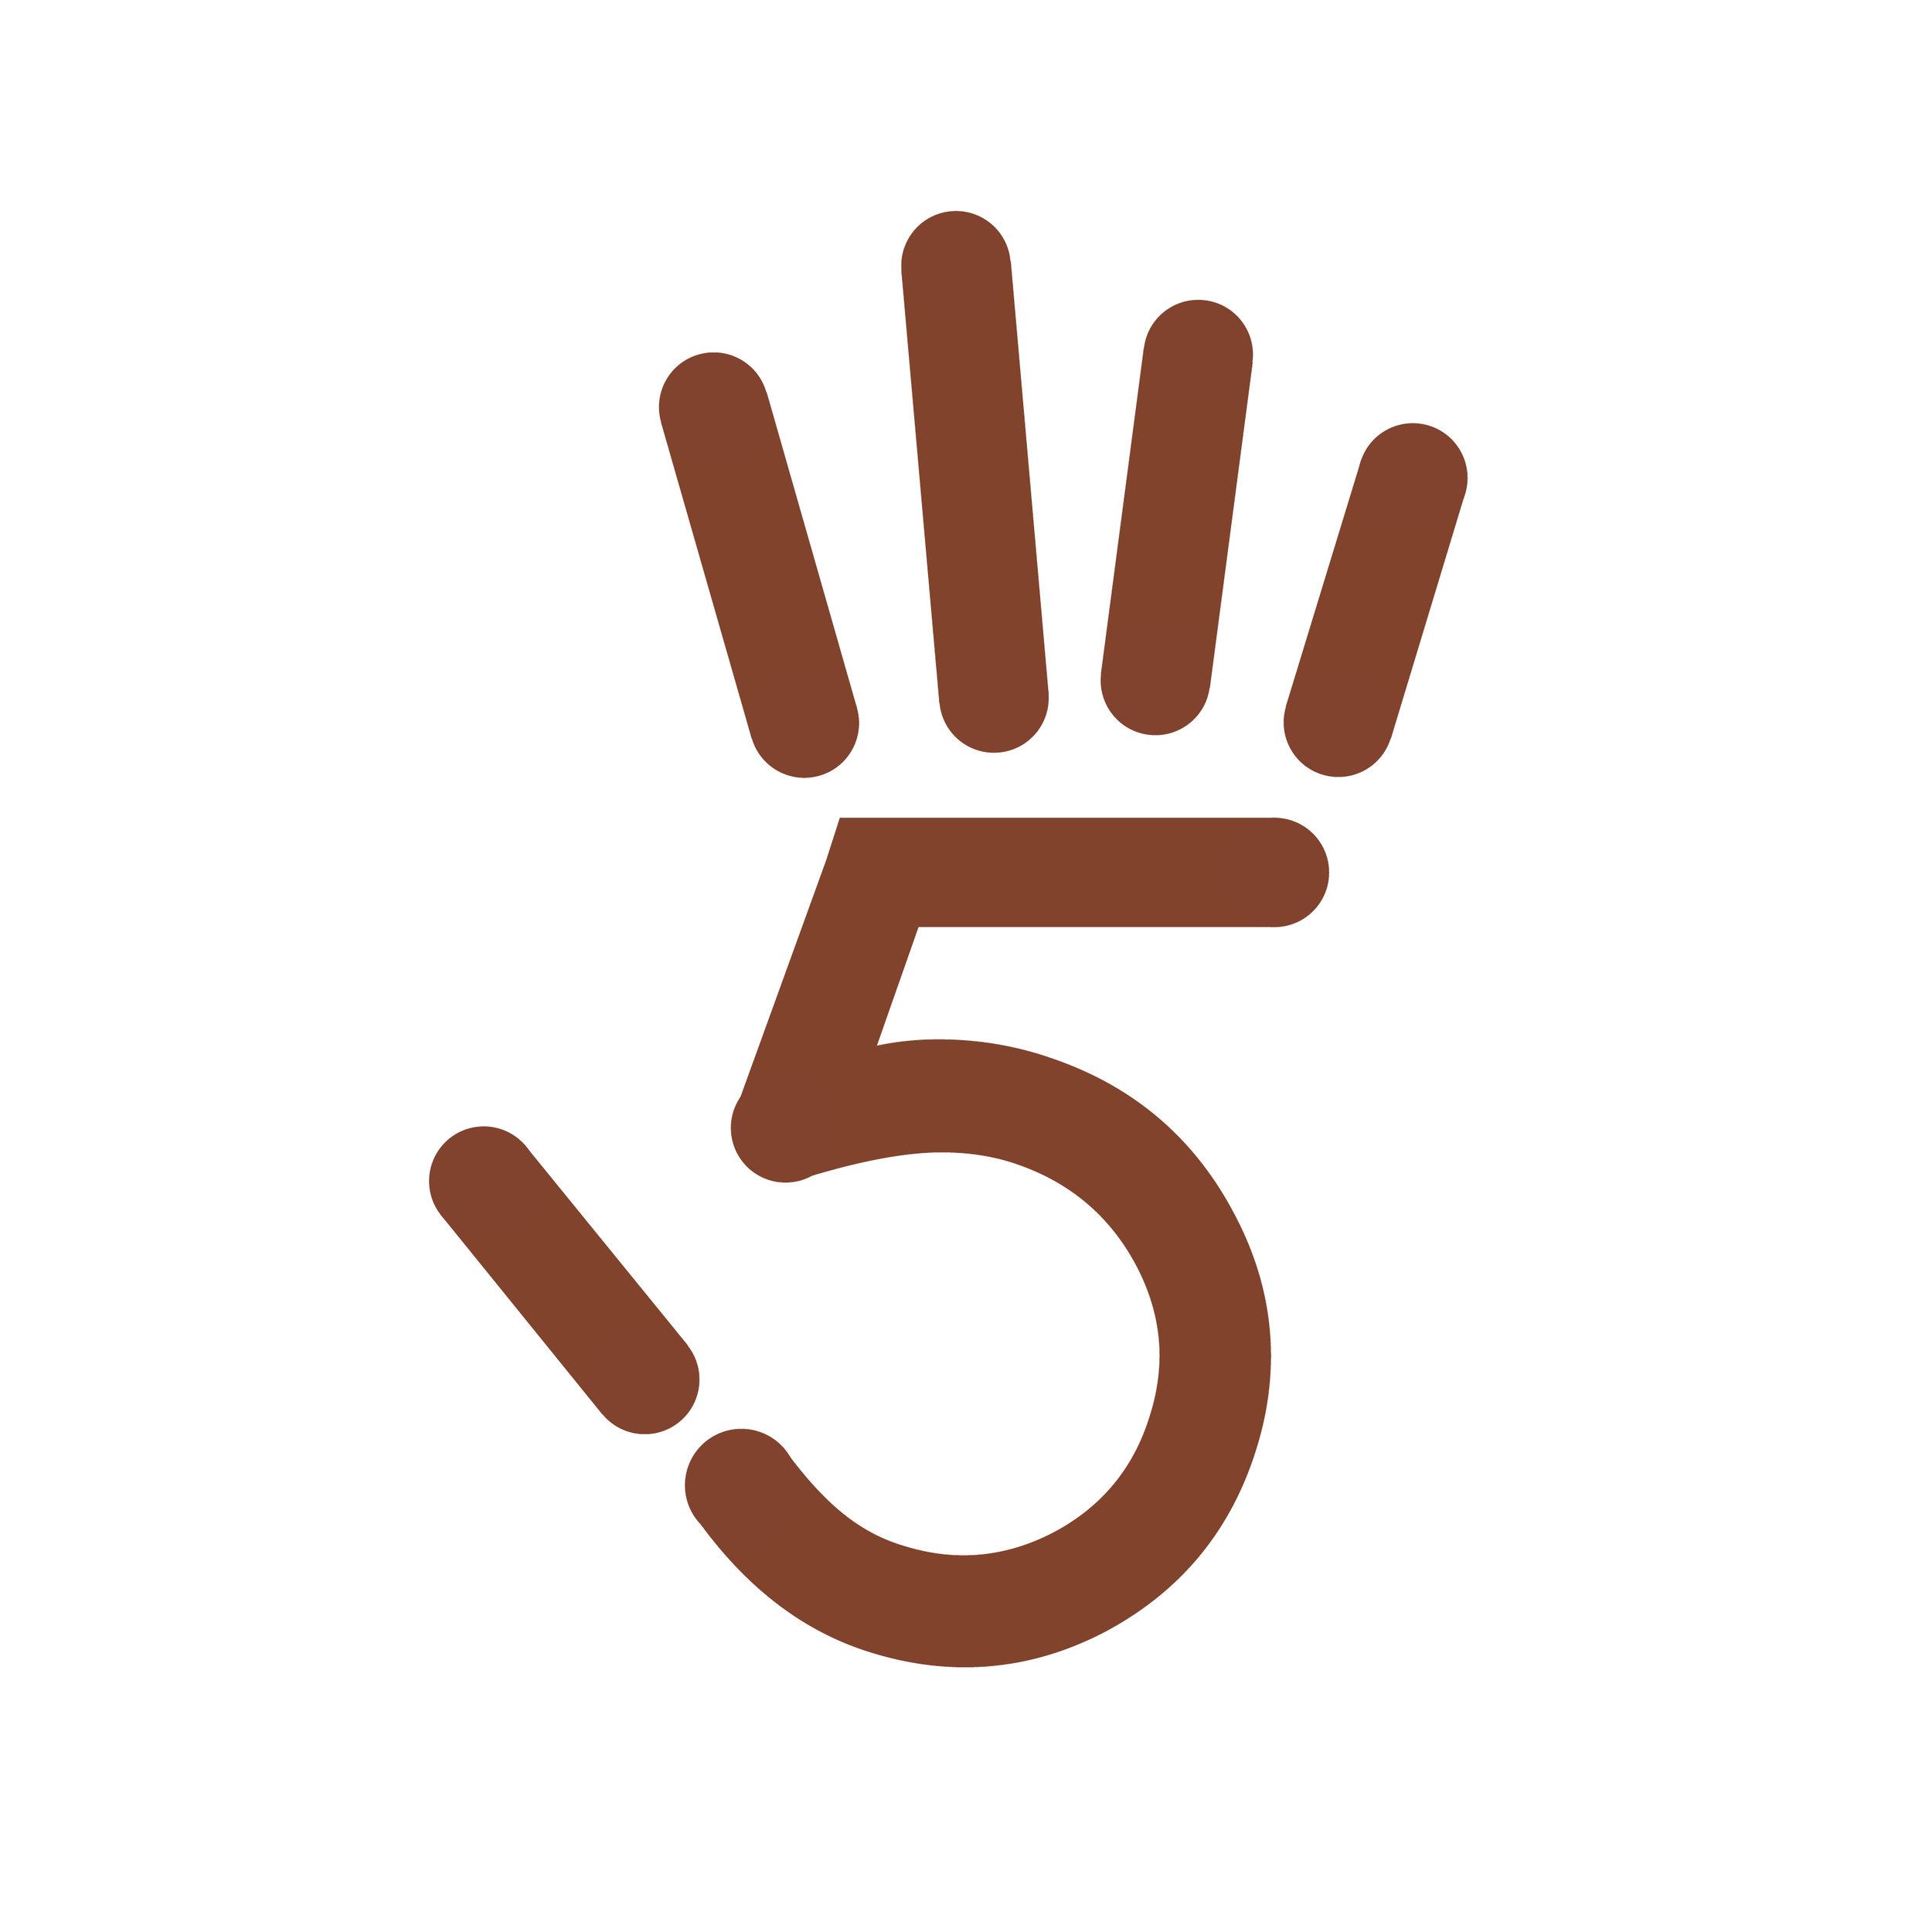 5 is for hifive.jpg